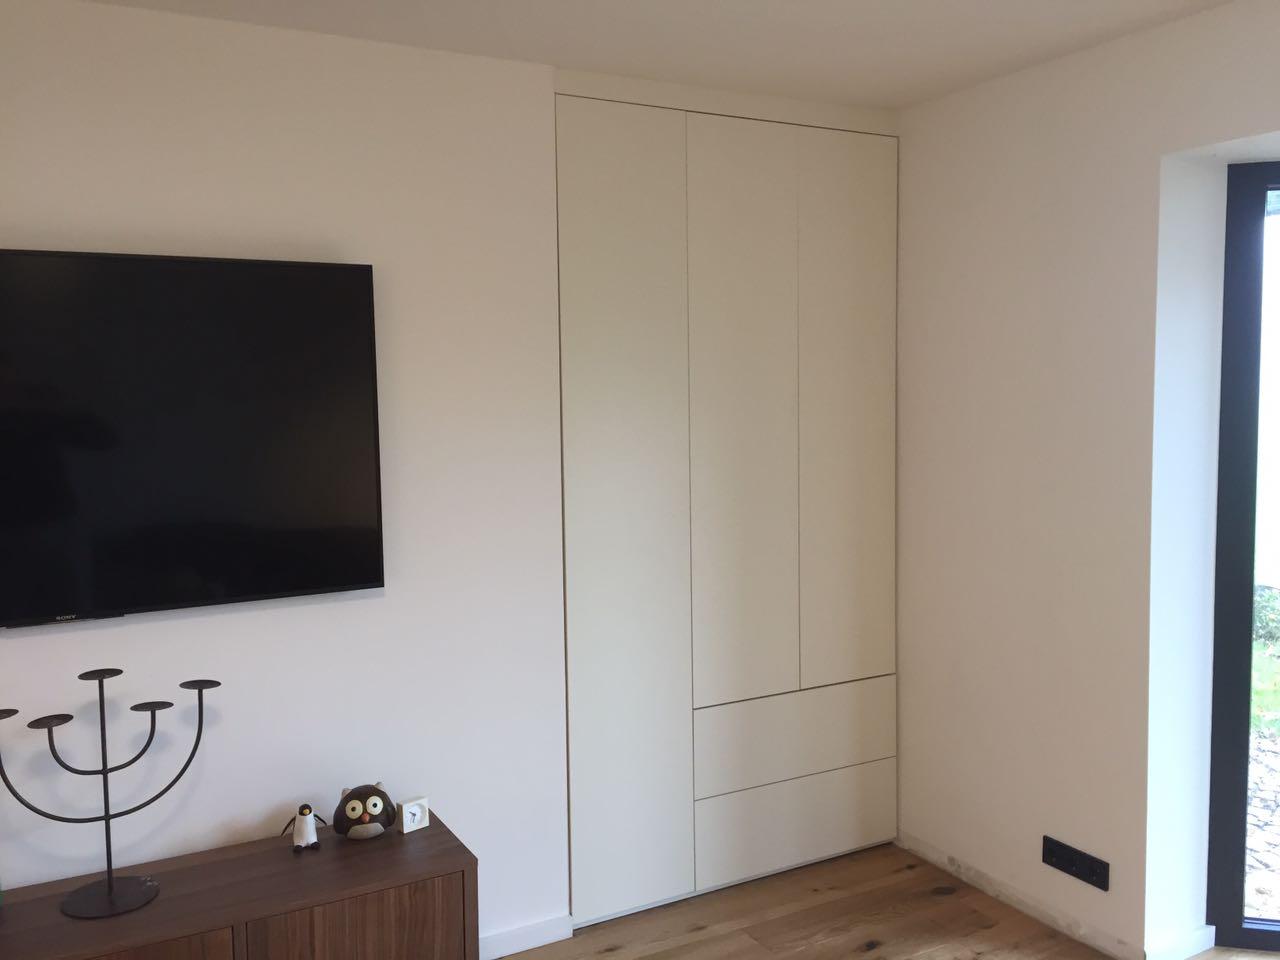 Wohnzimmerschrank , Raumteiler, schlicht weiss matt Fronten mit großen Schubkästen, push to open